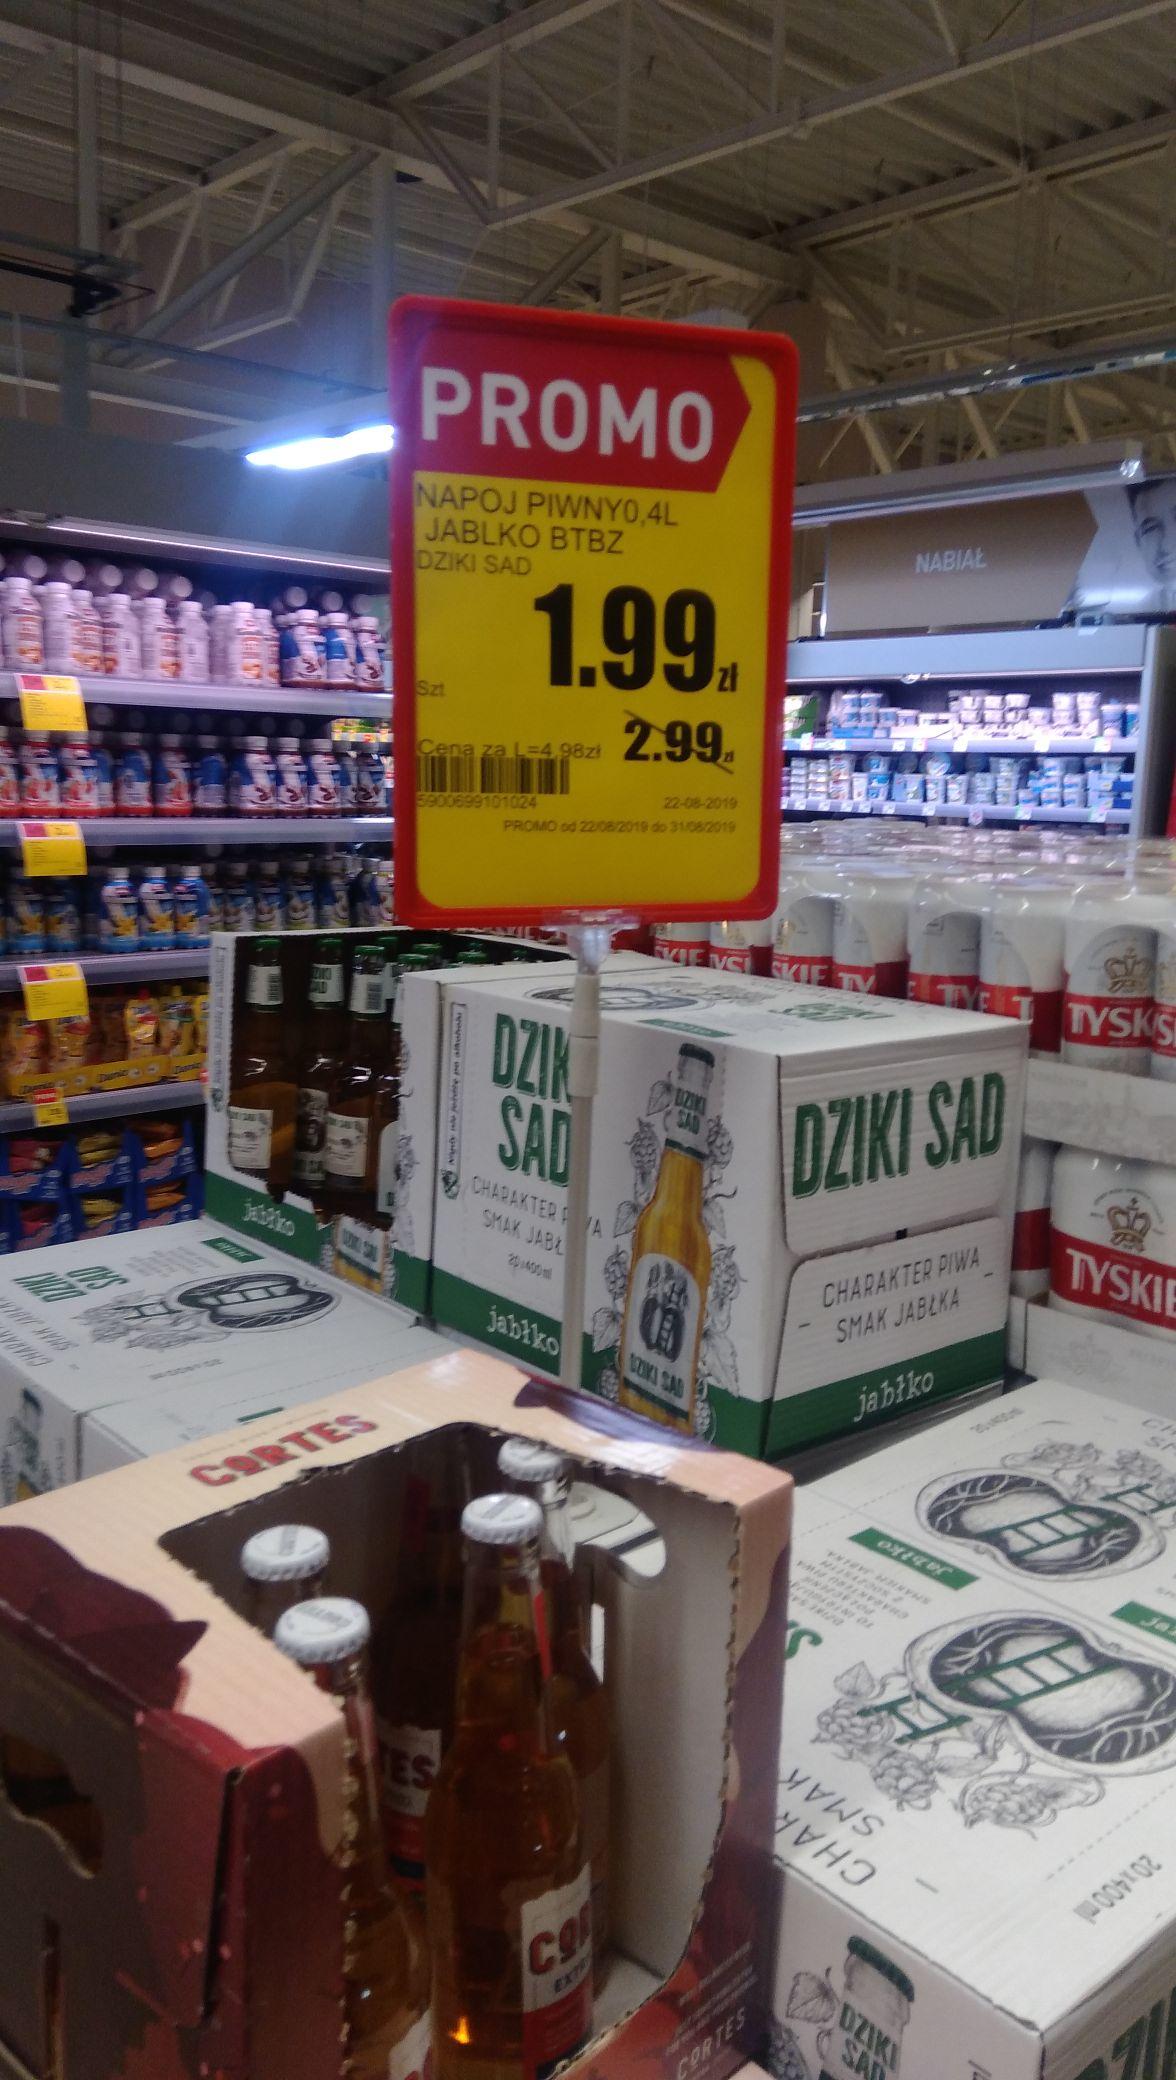 Dziki Sad - napój piwny w dobrej cenie